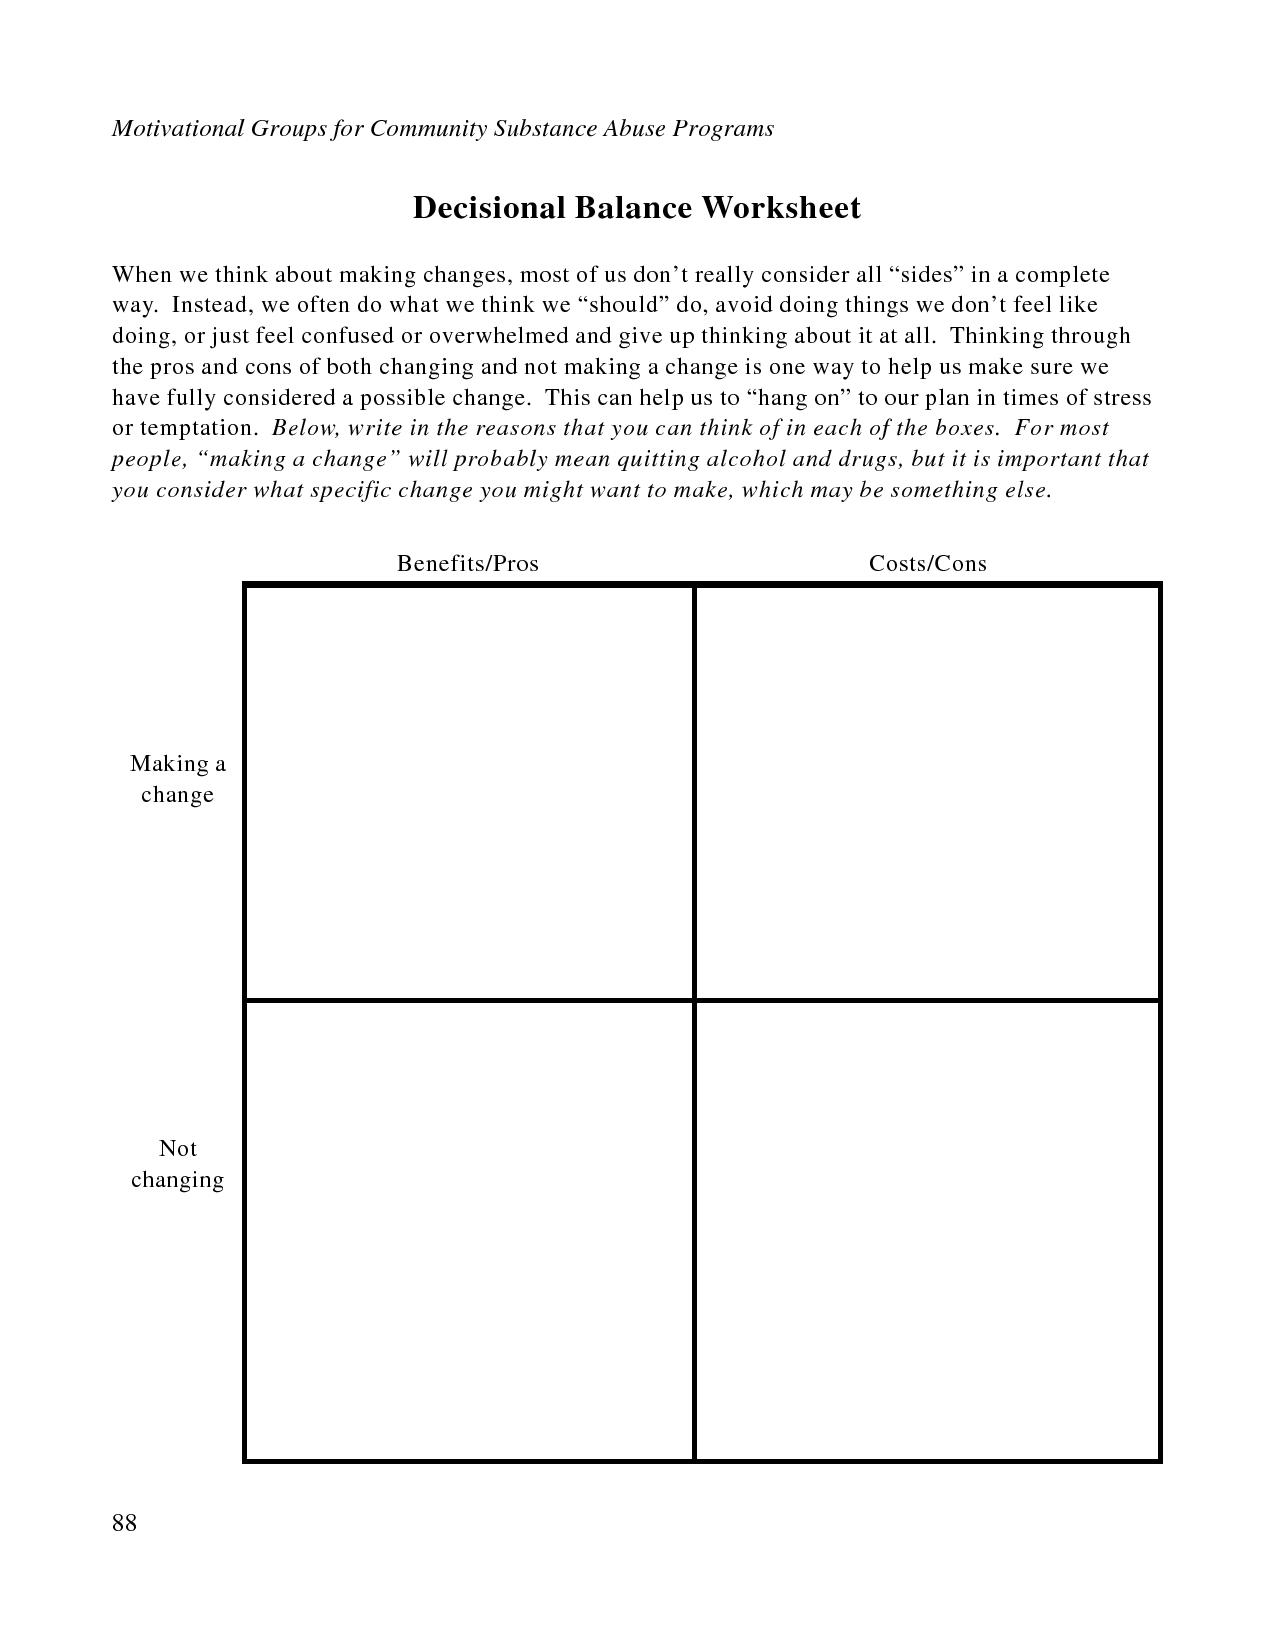 Free Printable Dbt Worksheets